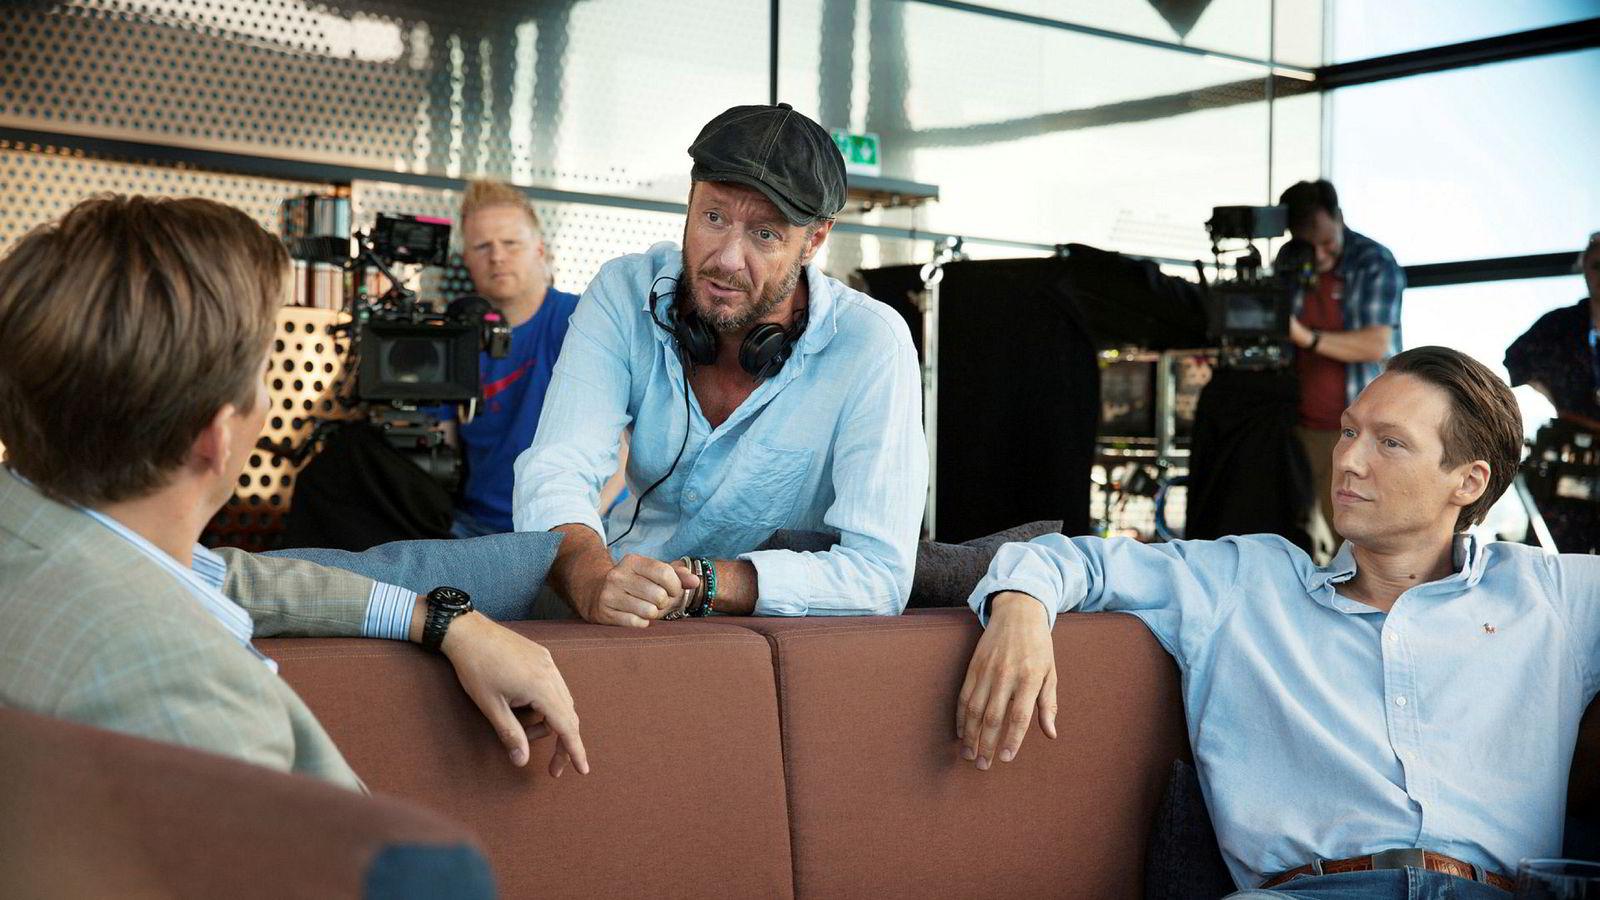 NRK-serien «Exit» handler om fire norske finansmenn og deres ikke helt gjennomsnittlige livsførsel. Her er serieskaper Øystein Karlsen (i midten) i ferd med å instruere skuespillerne Tobias Santelmann (til venstre) og Simon Berger.